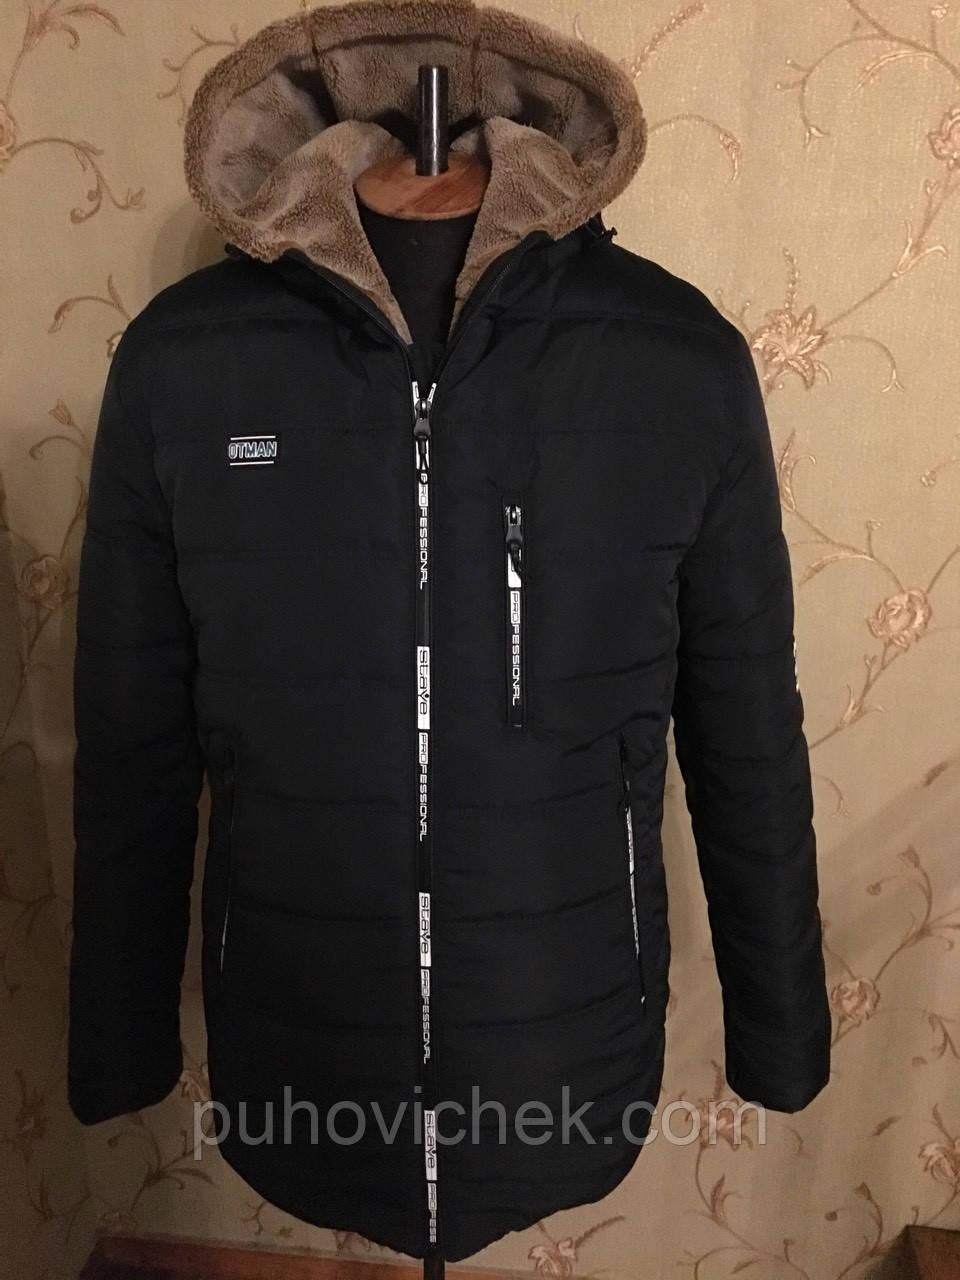 737ba53294f2 Модные зимние куртки мужские стильные - Интернет магазин Линия одежды в  Харькове